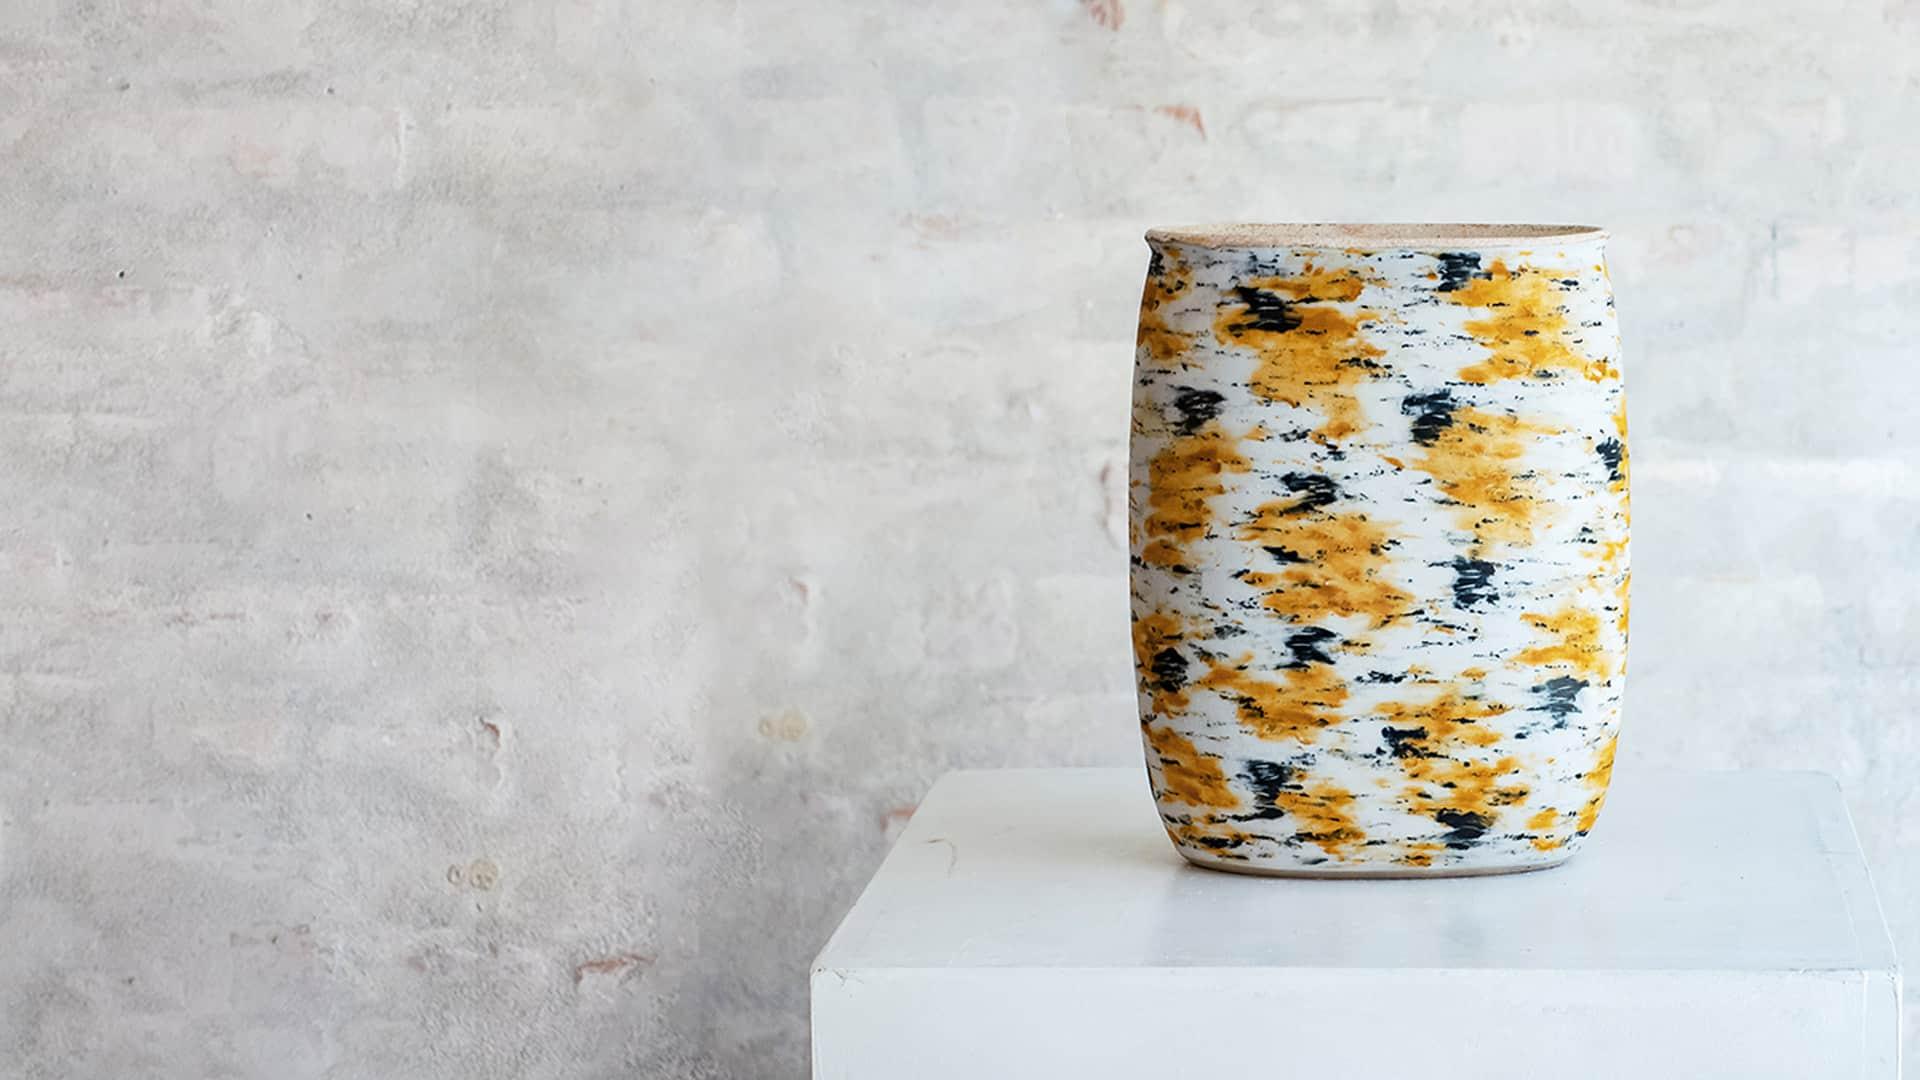 Ulf Nielsen gul keramik krukke mat glasur